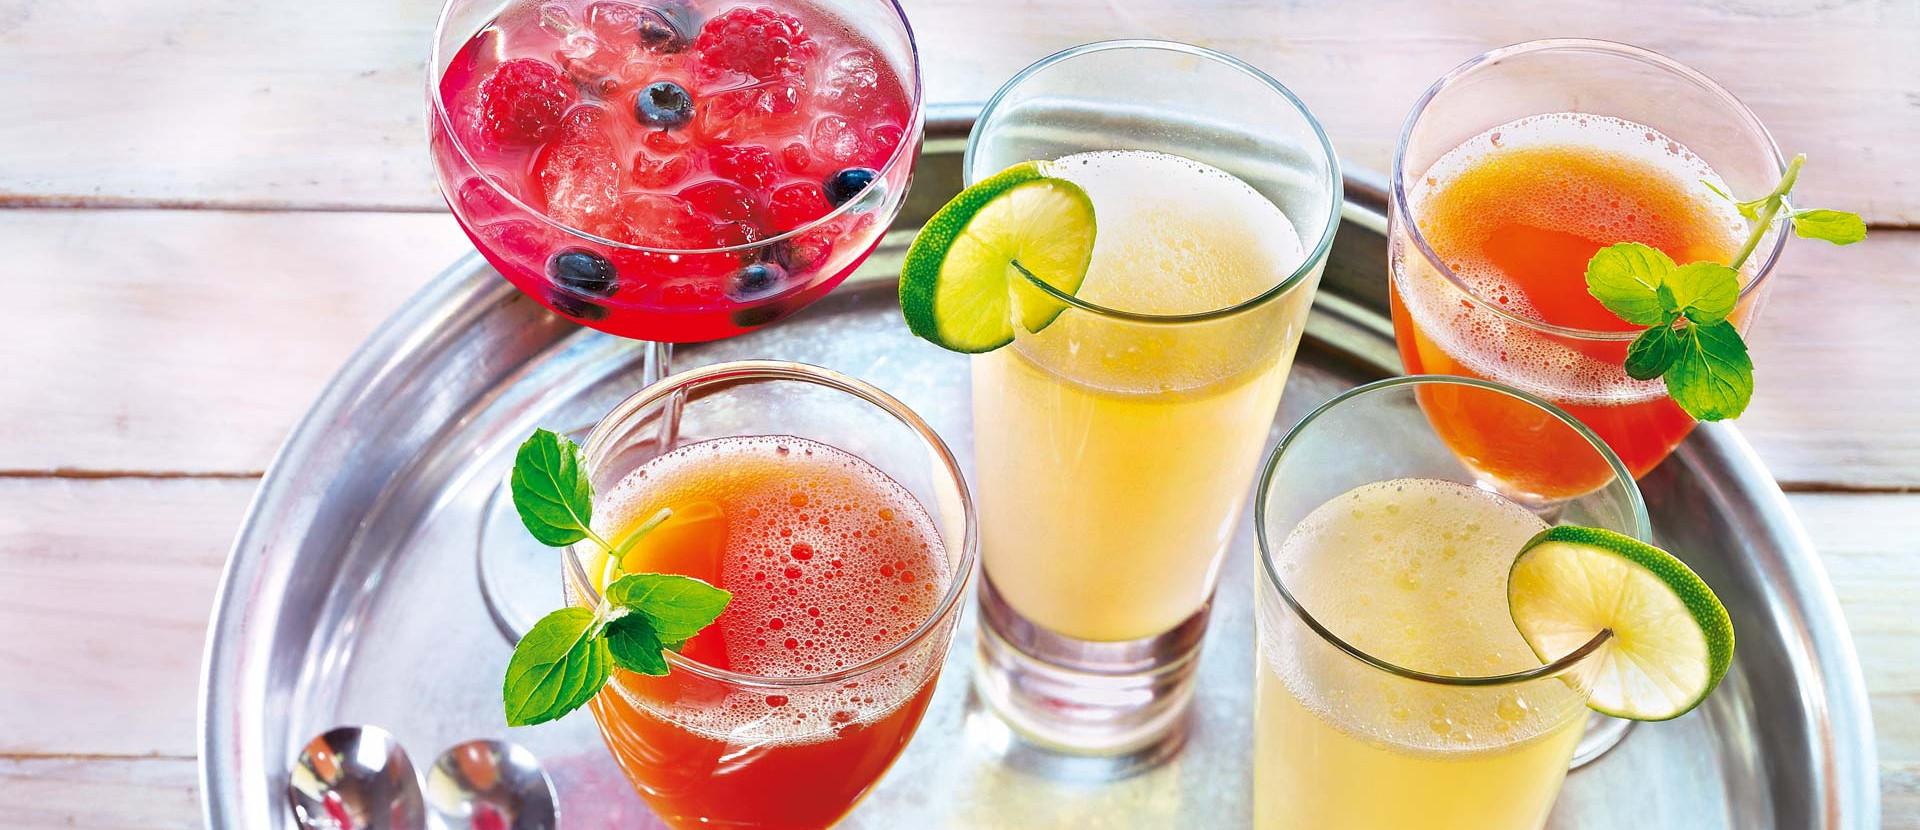 verschiedene Cocktails auf einem silbernen Tablett